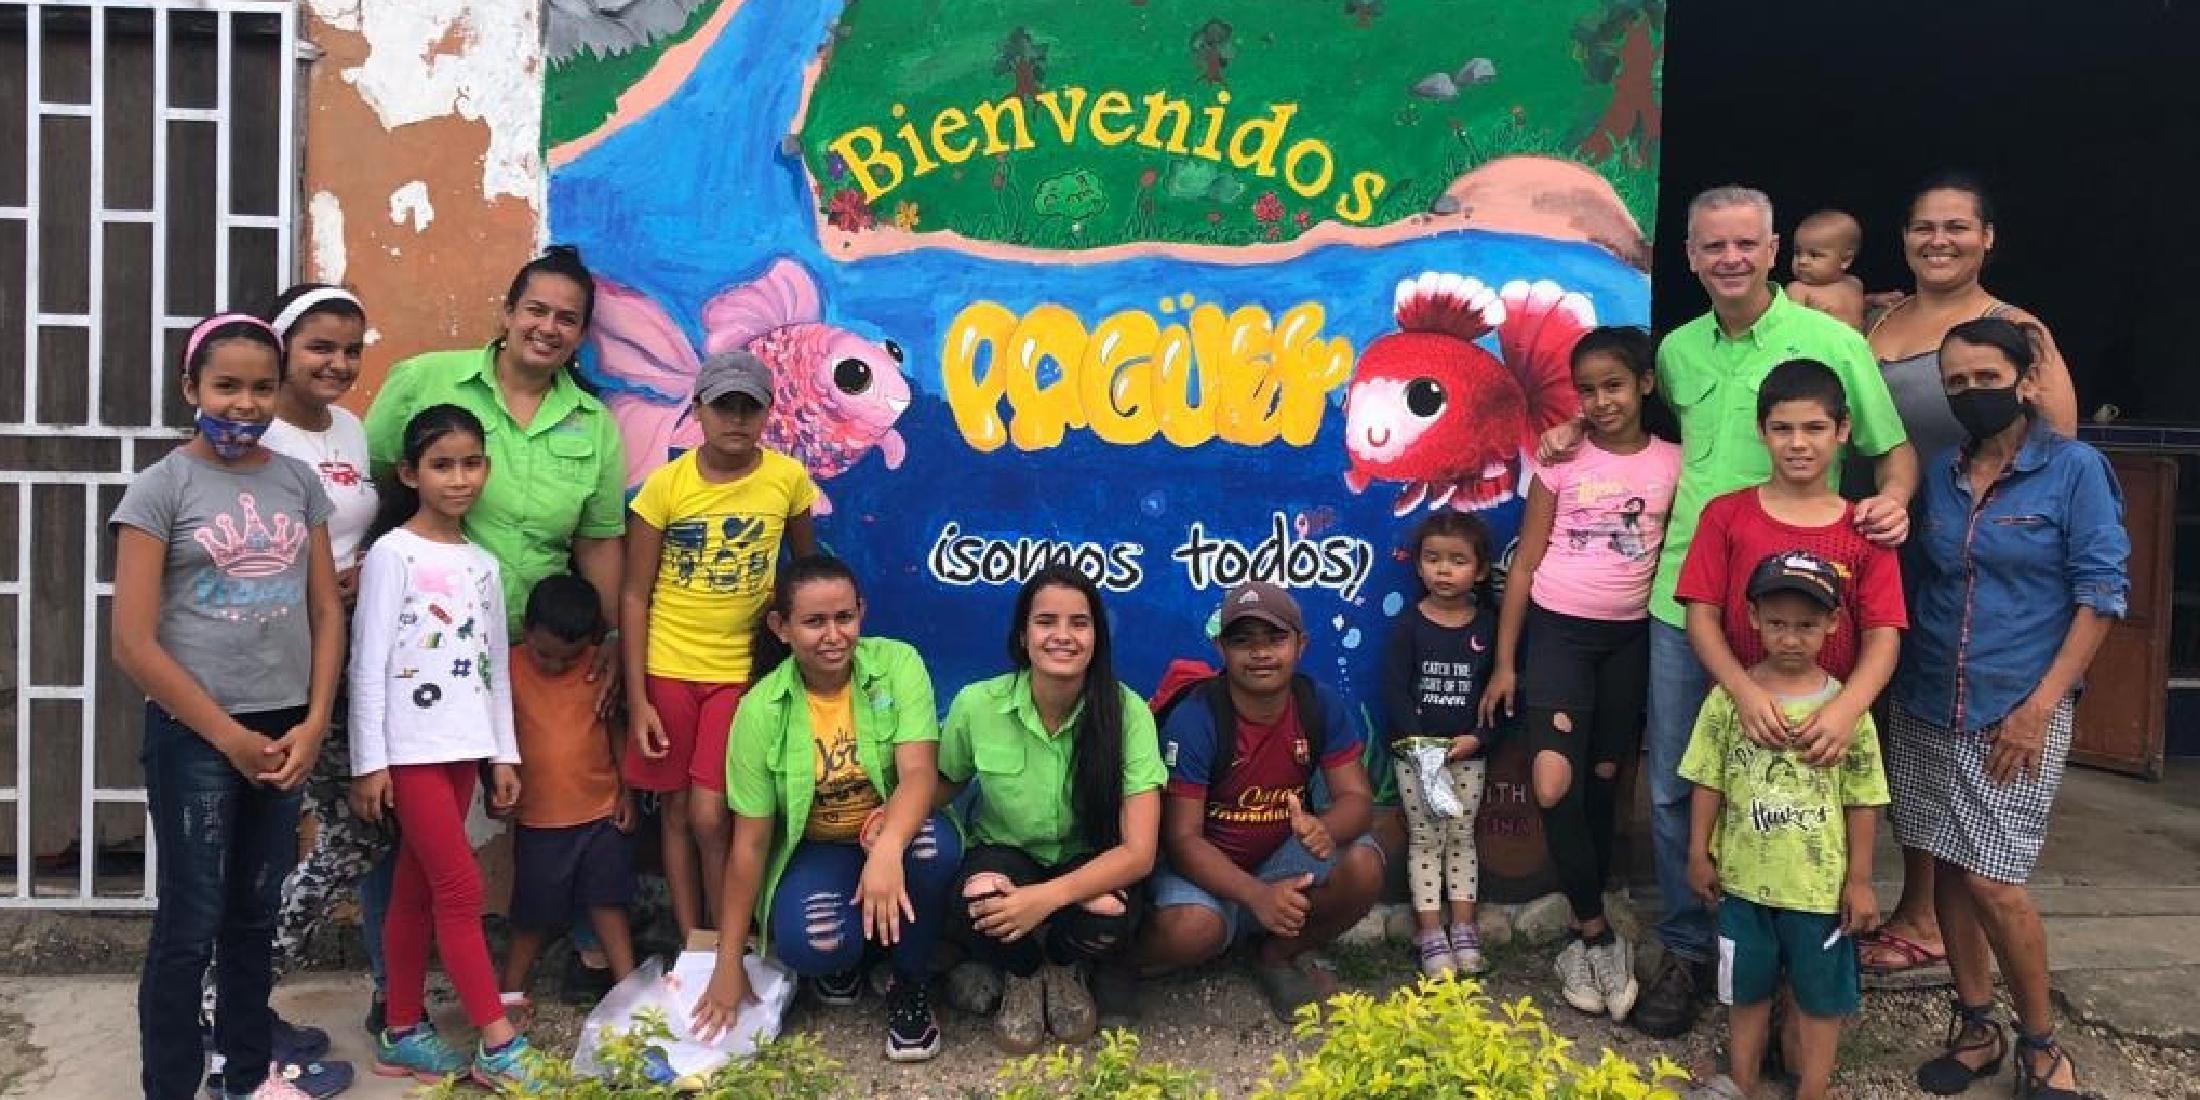 Apoyando la educación y a las niñas desfavorecidas en Venezuela